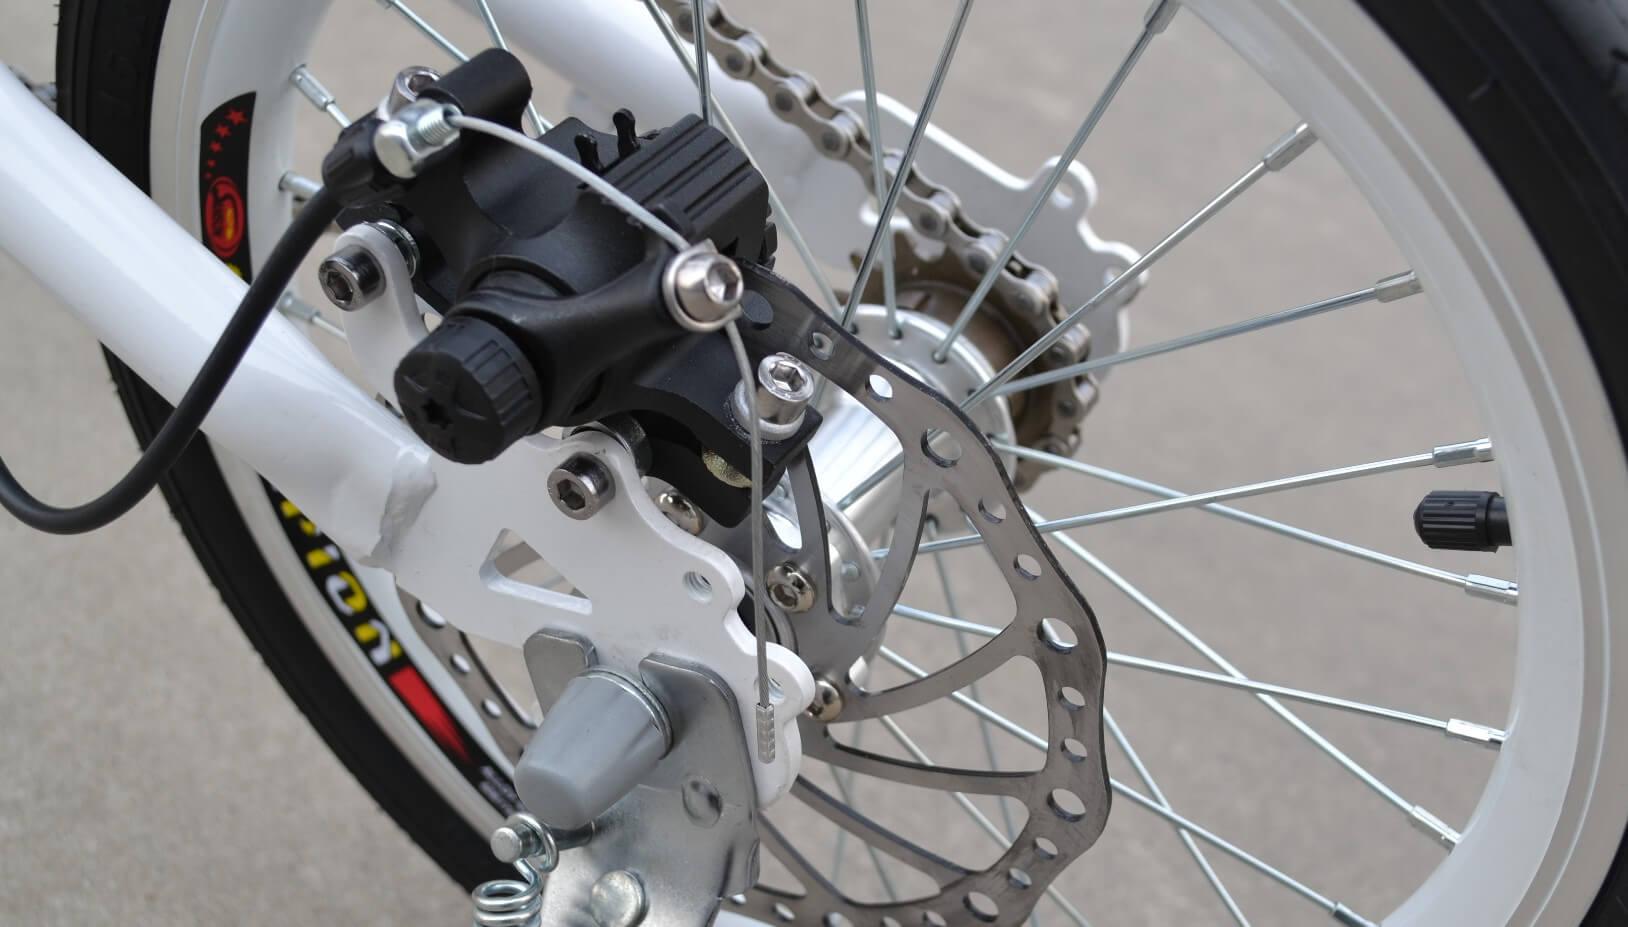 Замена тормозных колодок на велосипеде своими руками: инструкция, рекомендации